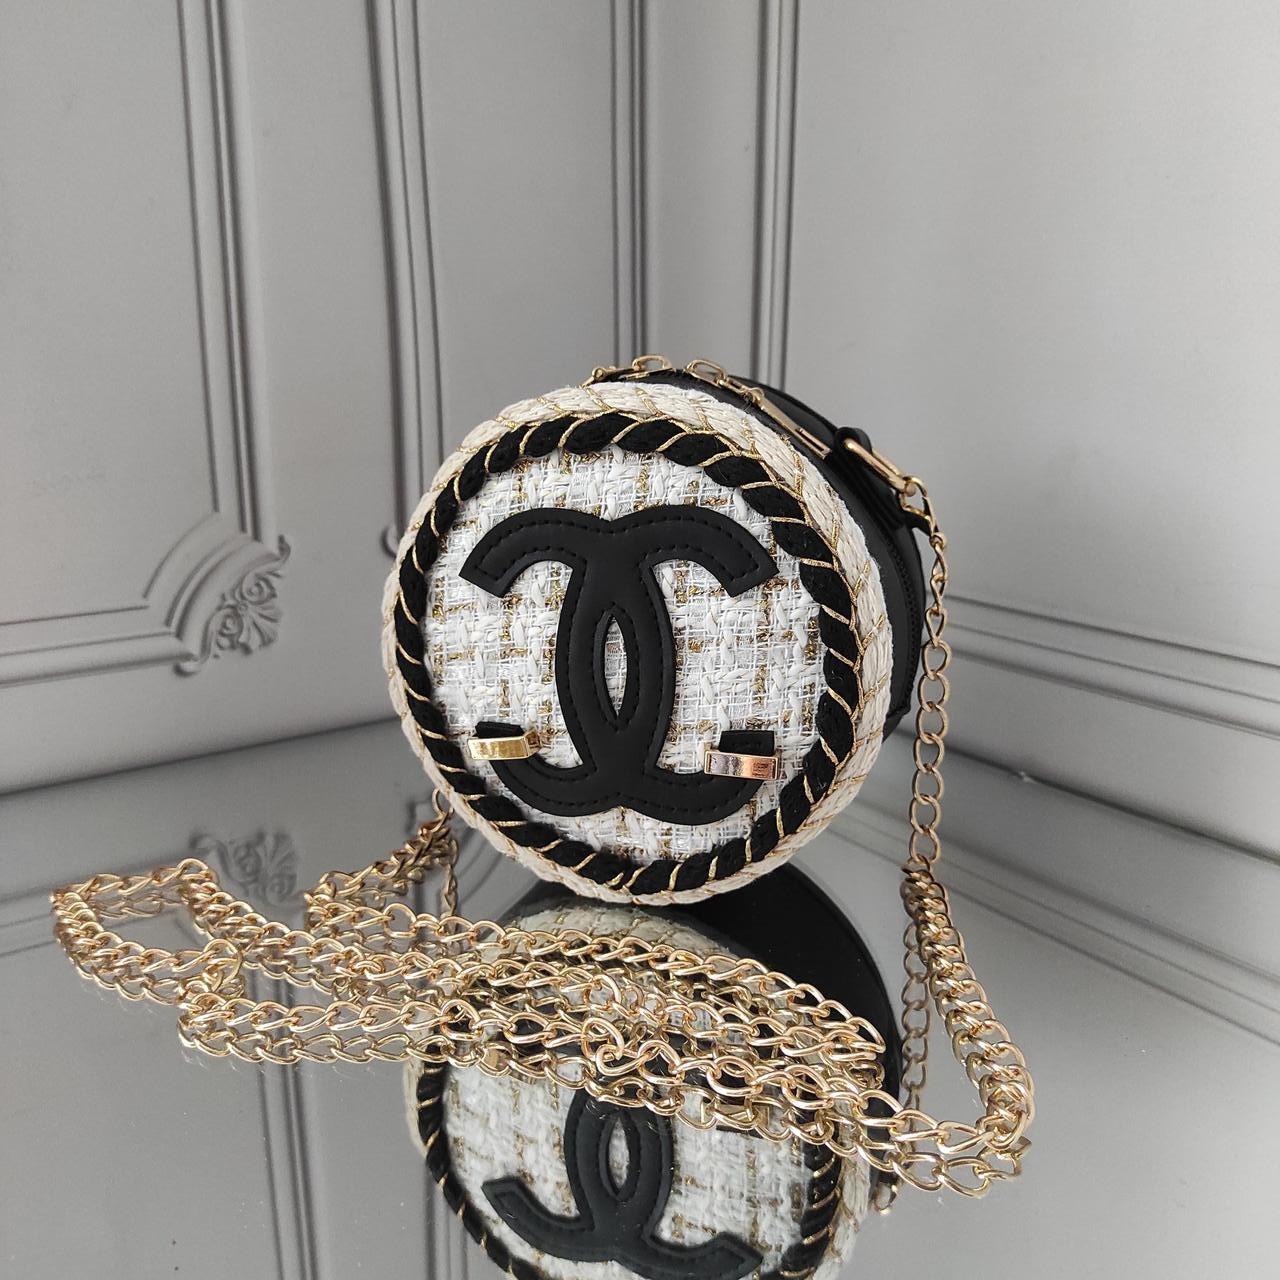 Мини кросс боди, сумка детская Chanel